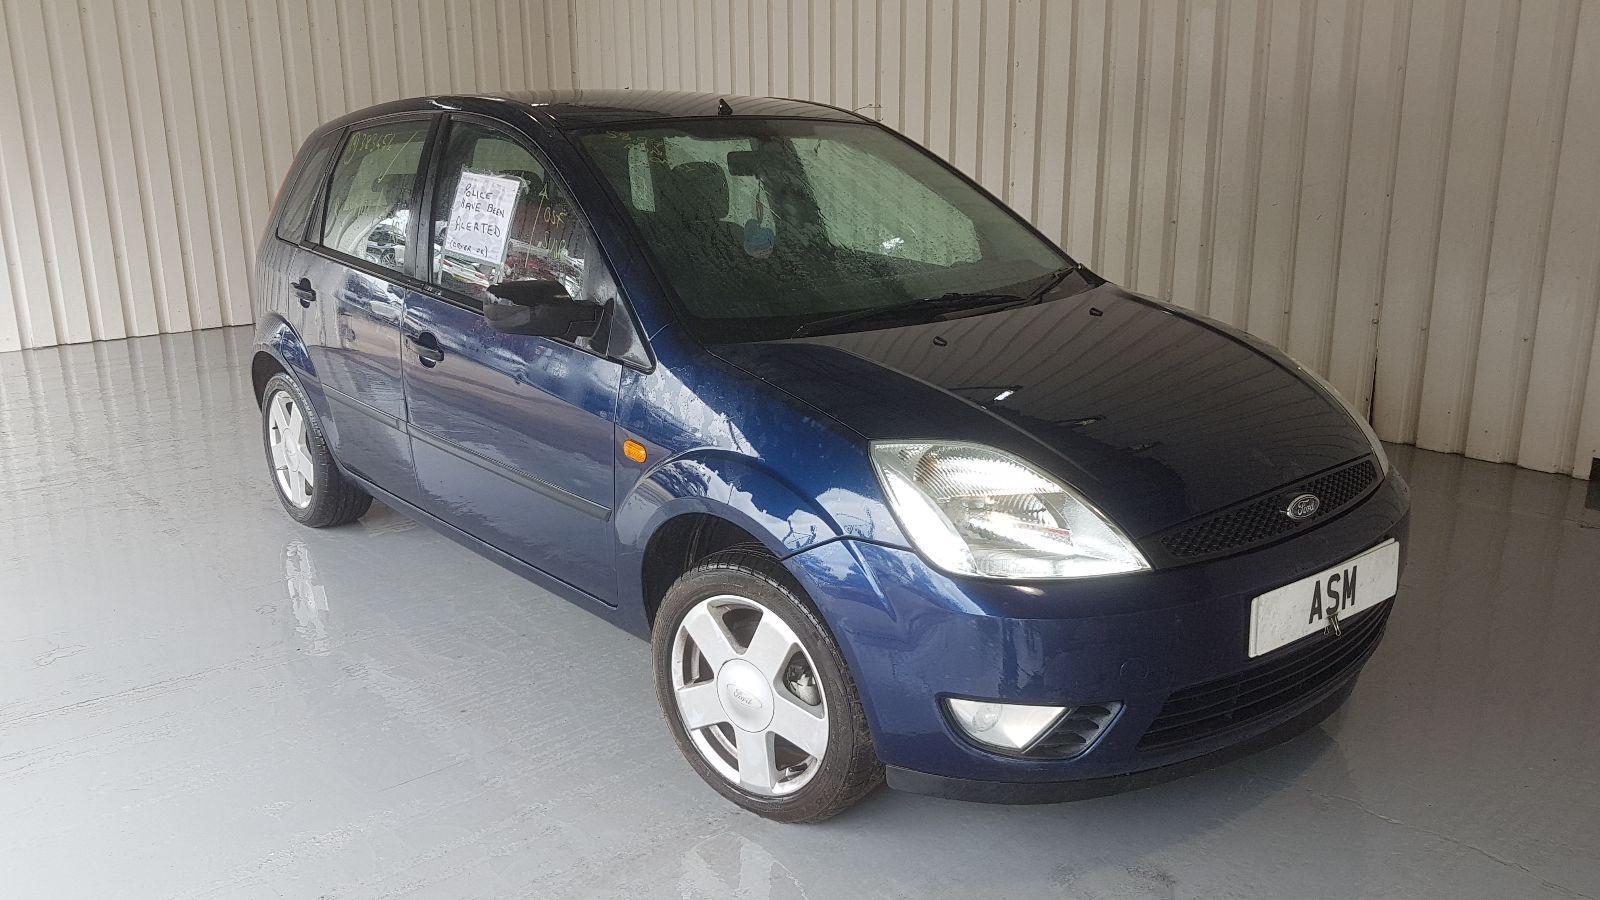 Image for a Ford Fiesta 2005 5 Door Hatchback